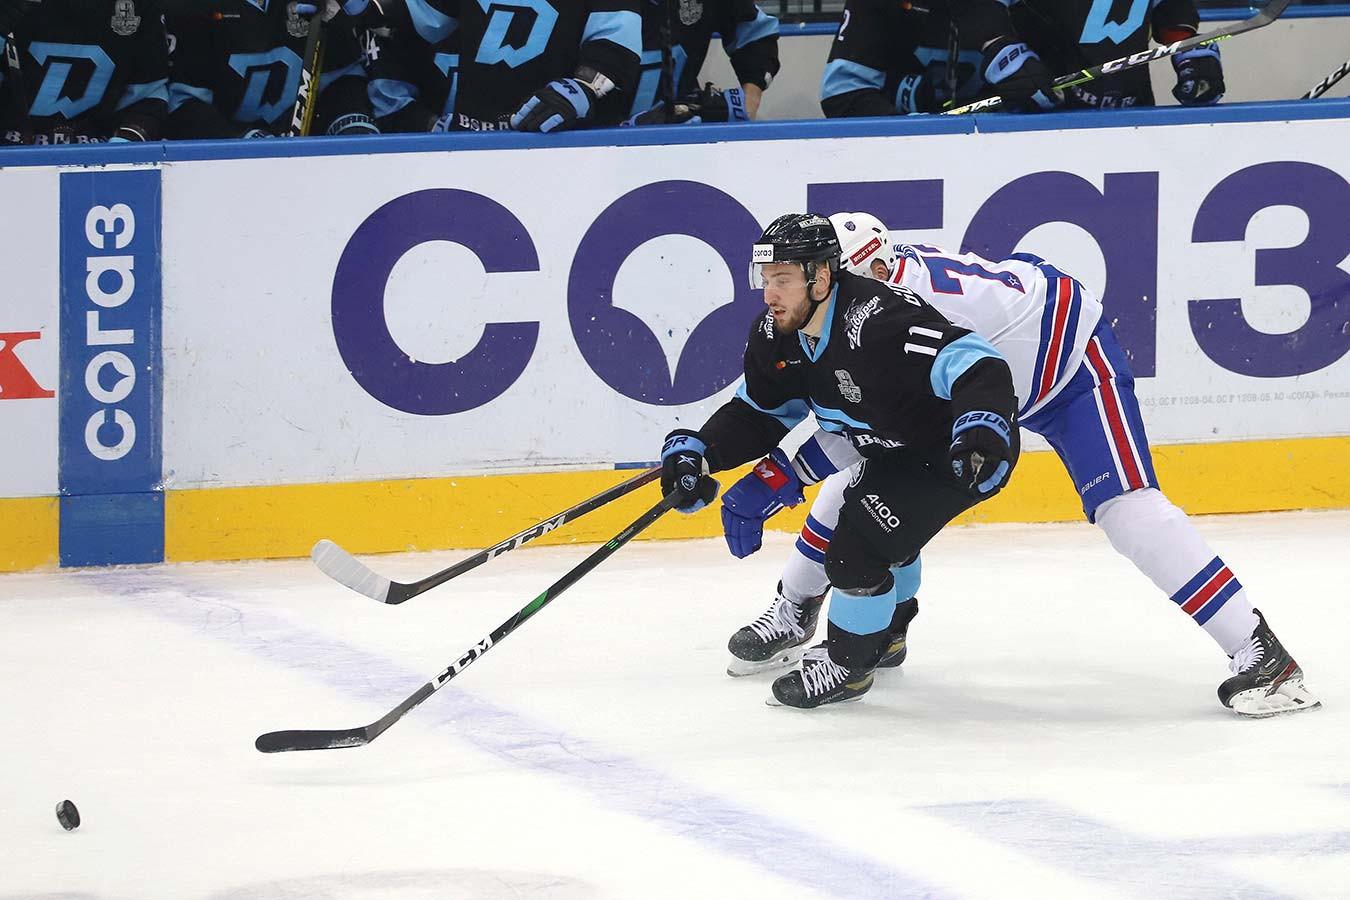 Гол Мосалёва принёс минскому «Динамо» первую победу в серии со СКА